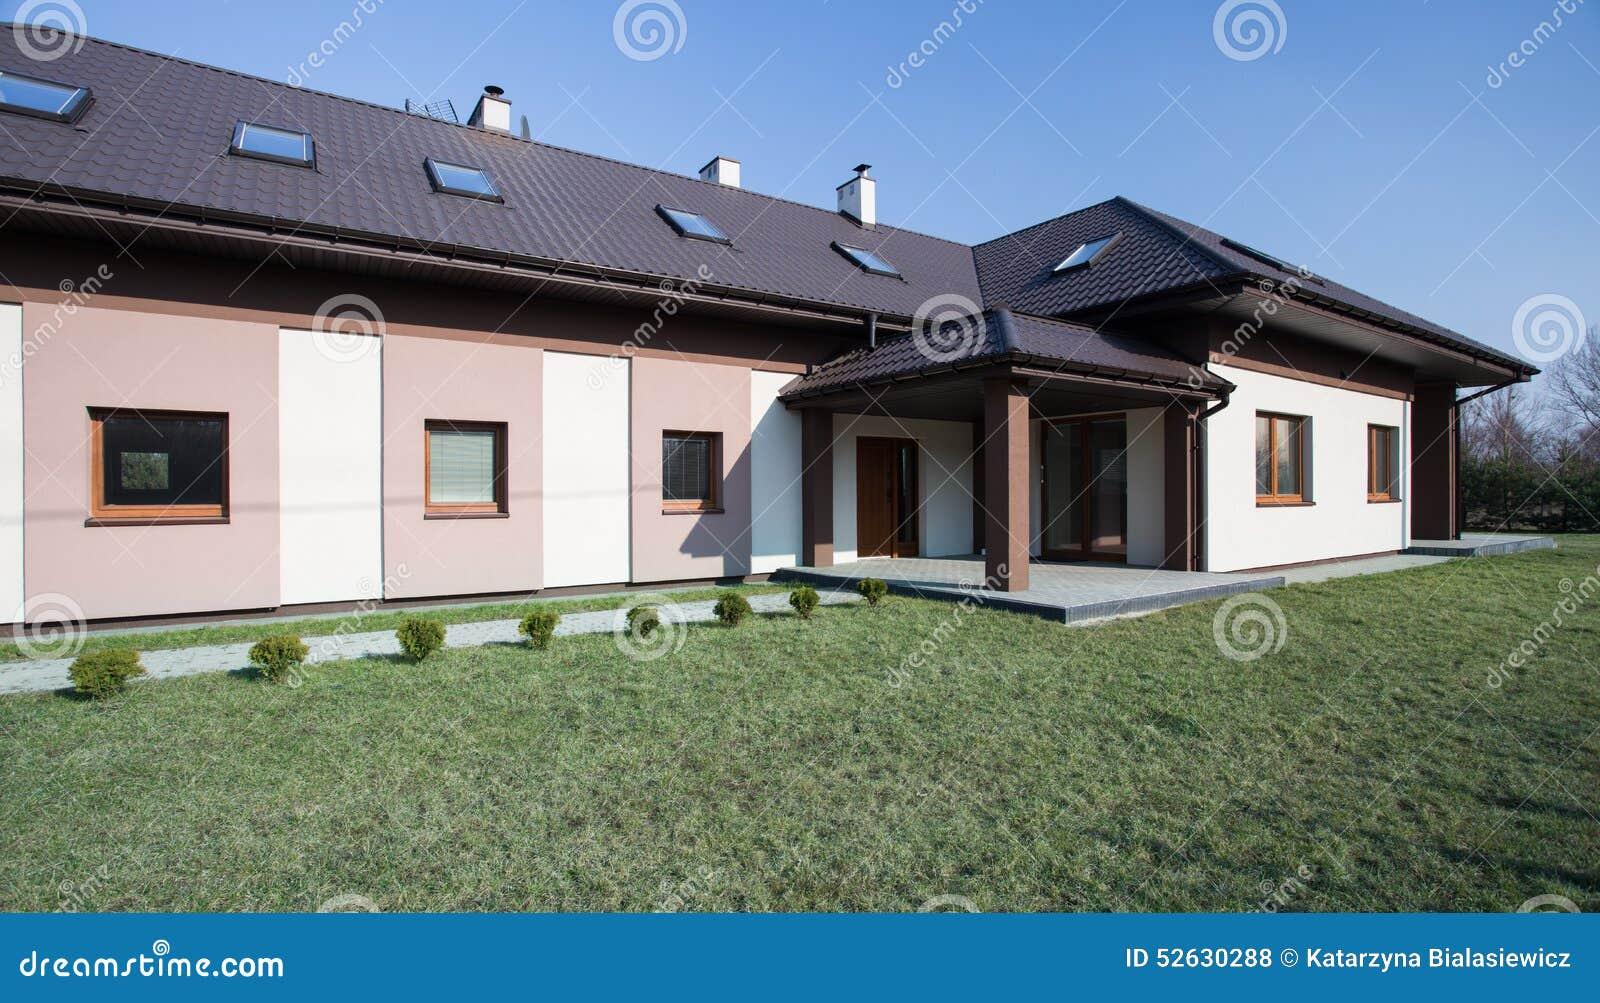 Maison isol e vue de l 39 ext rieur photo stock image for Exterieur stock